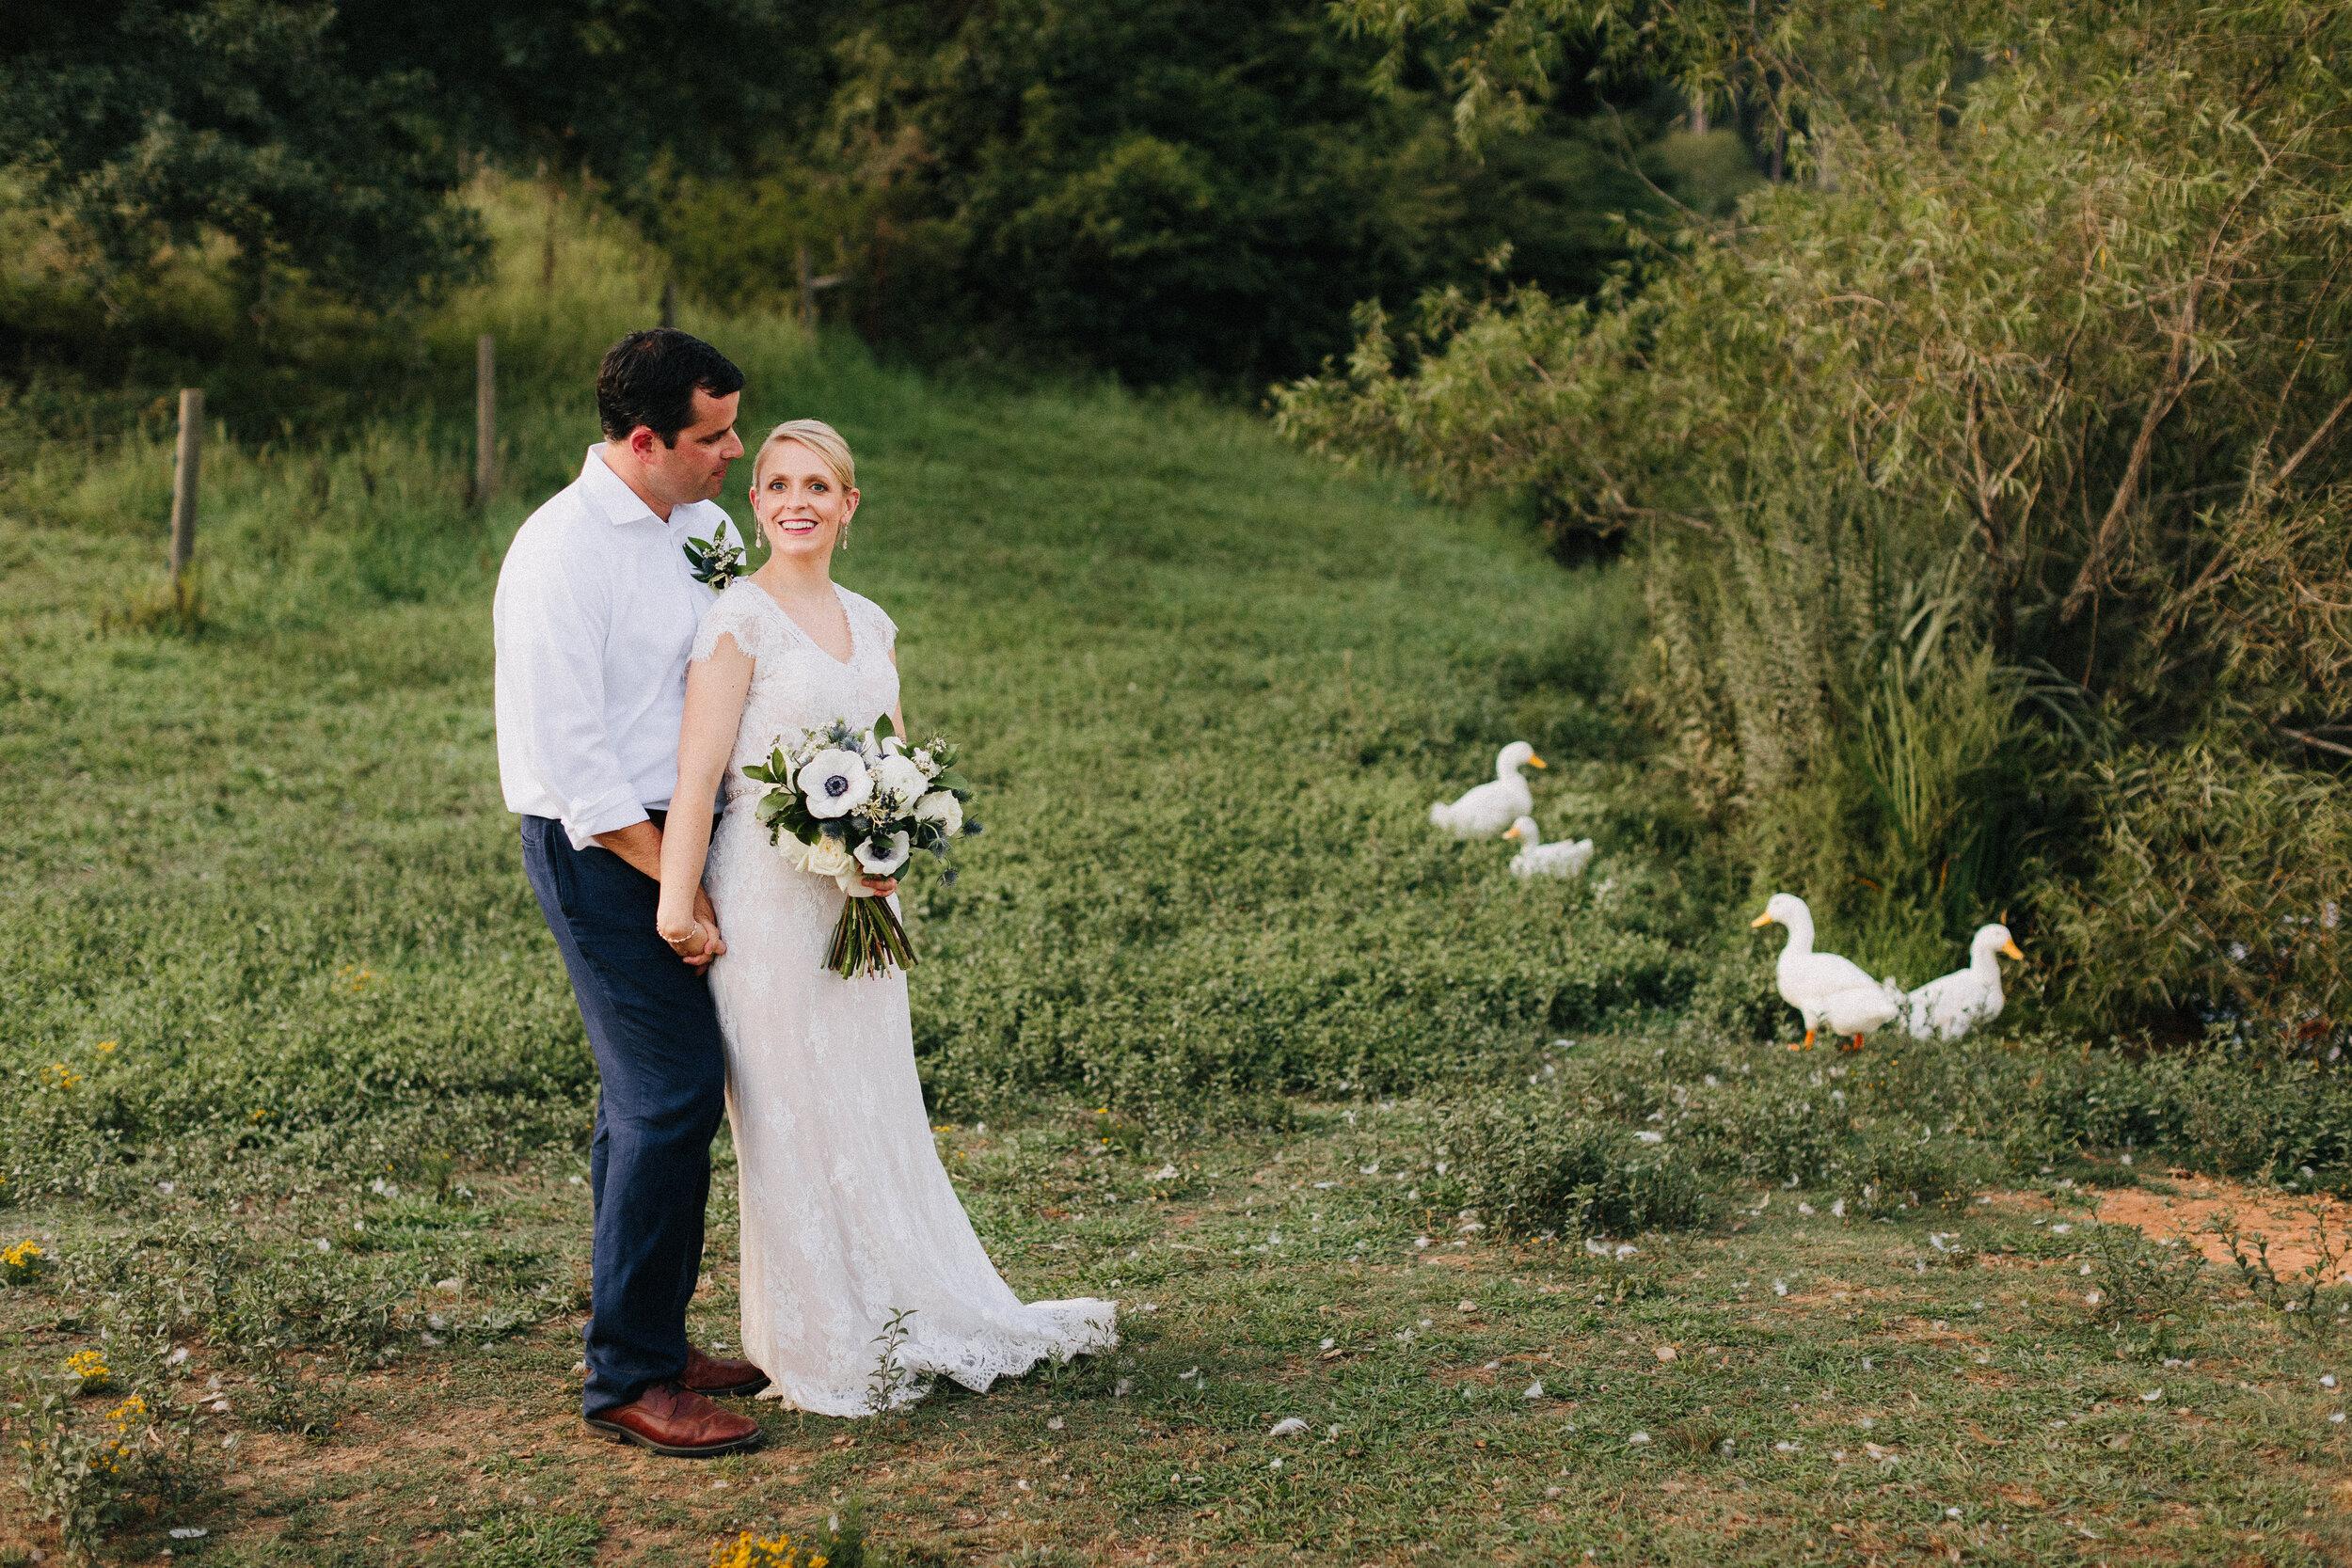 serenbe_forest_summer_wedding_farmhouse_guest_house_garden_2183.jpg